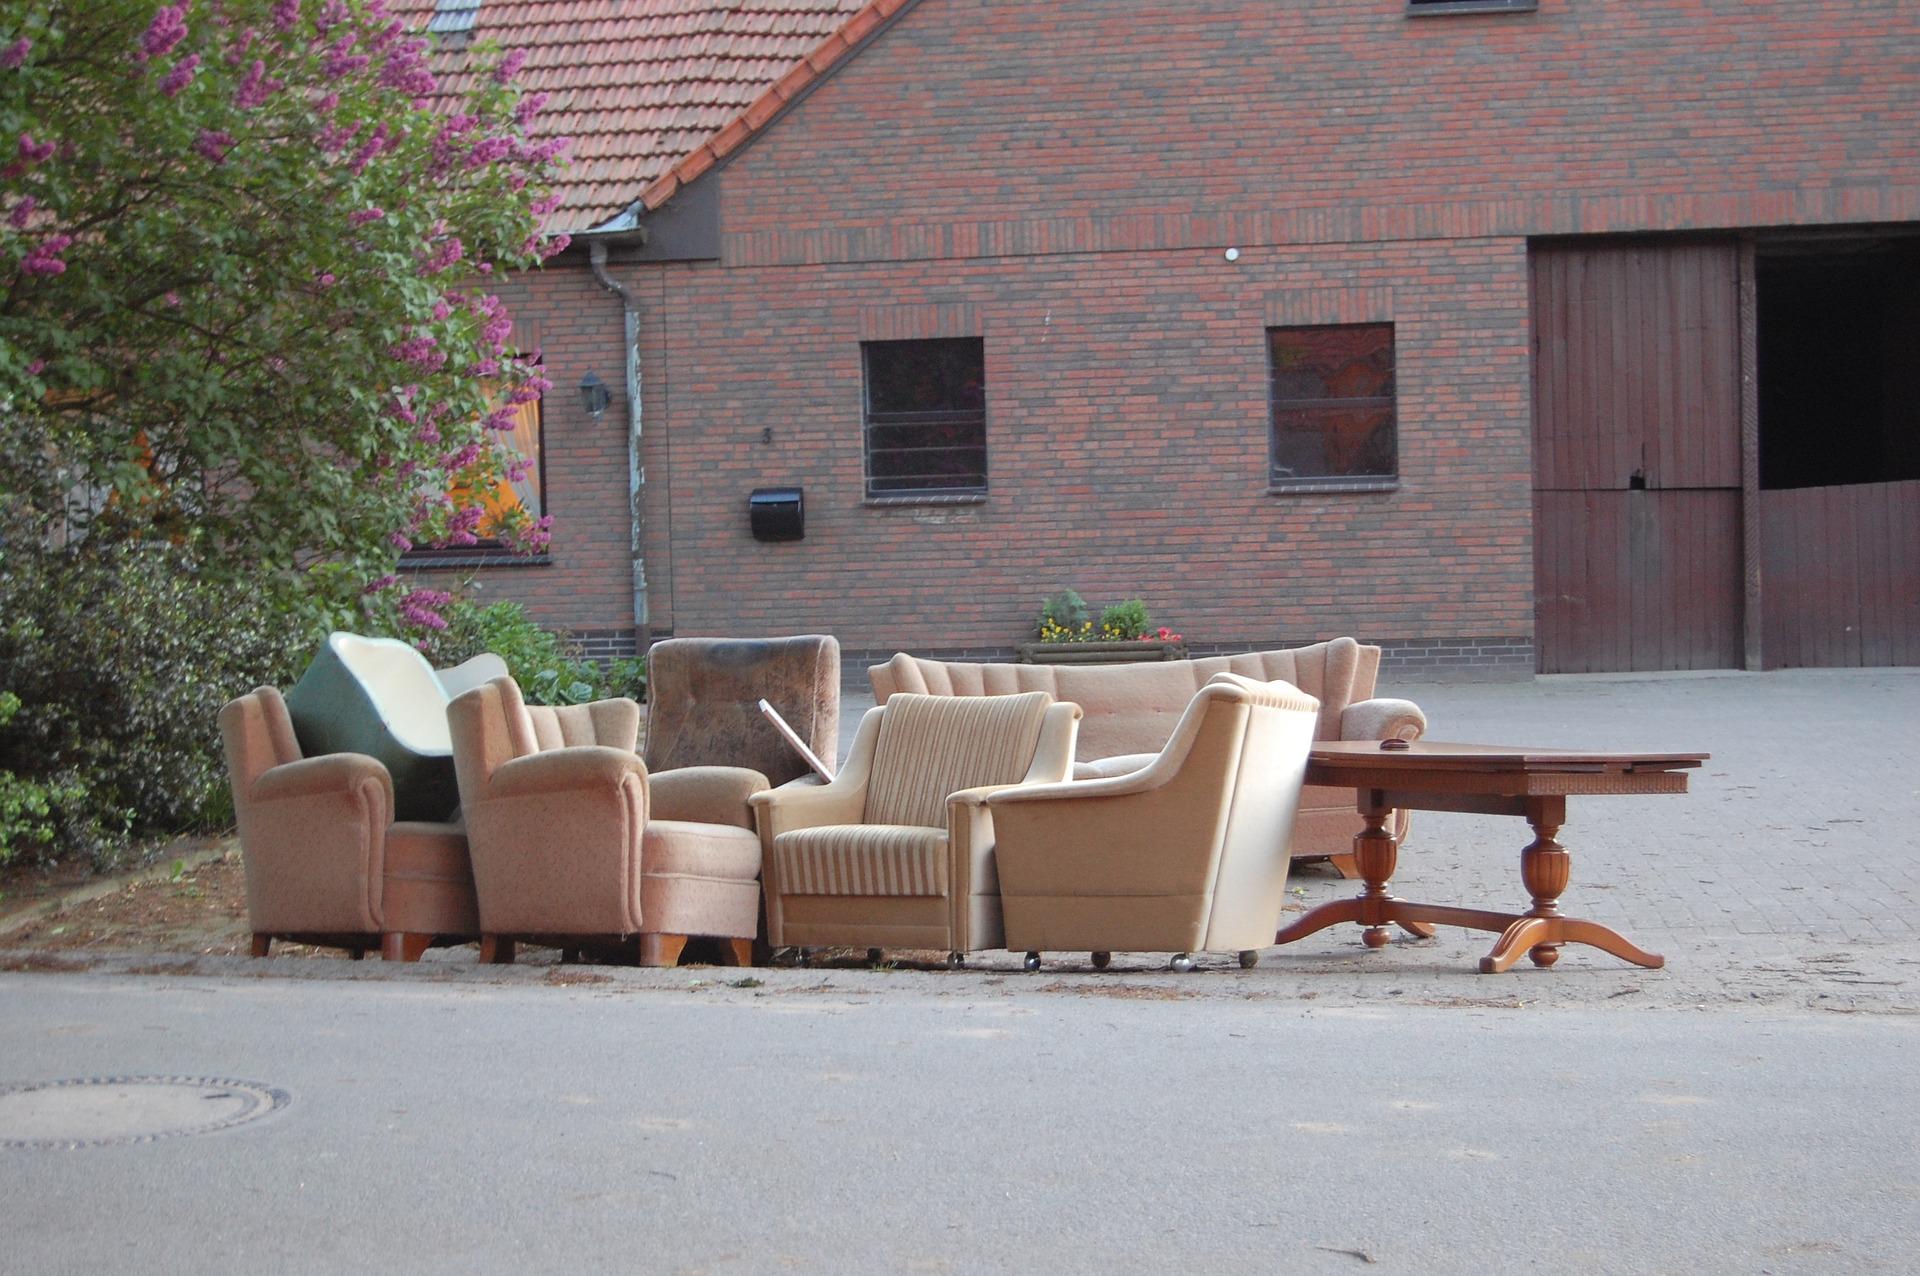 bett und matratze entsorgen wege zur entsorgung von alten m beln. Black Bedroom Furniture Sets. Home Design Ideas